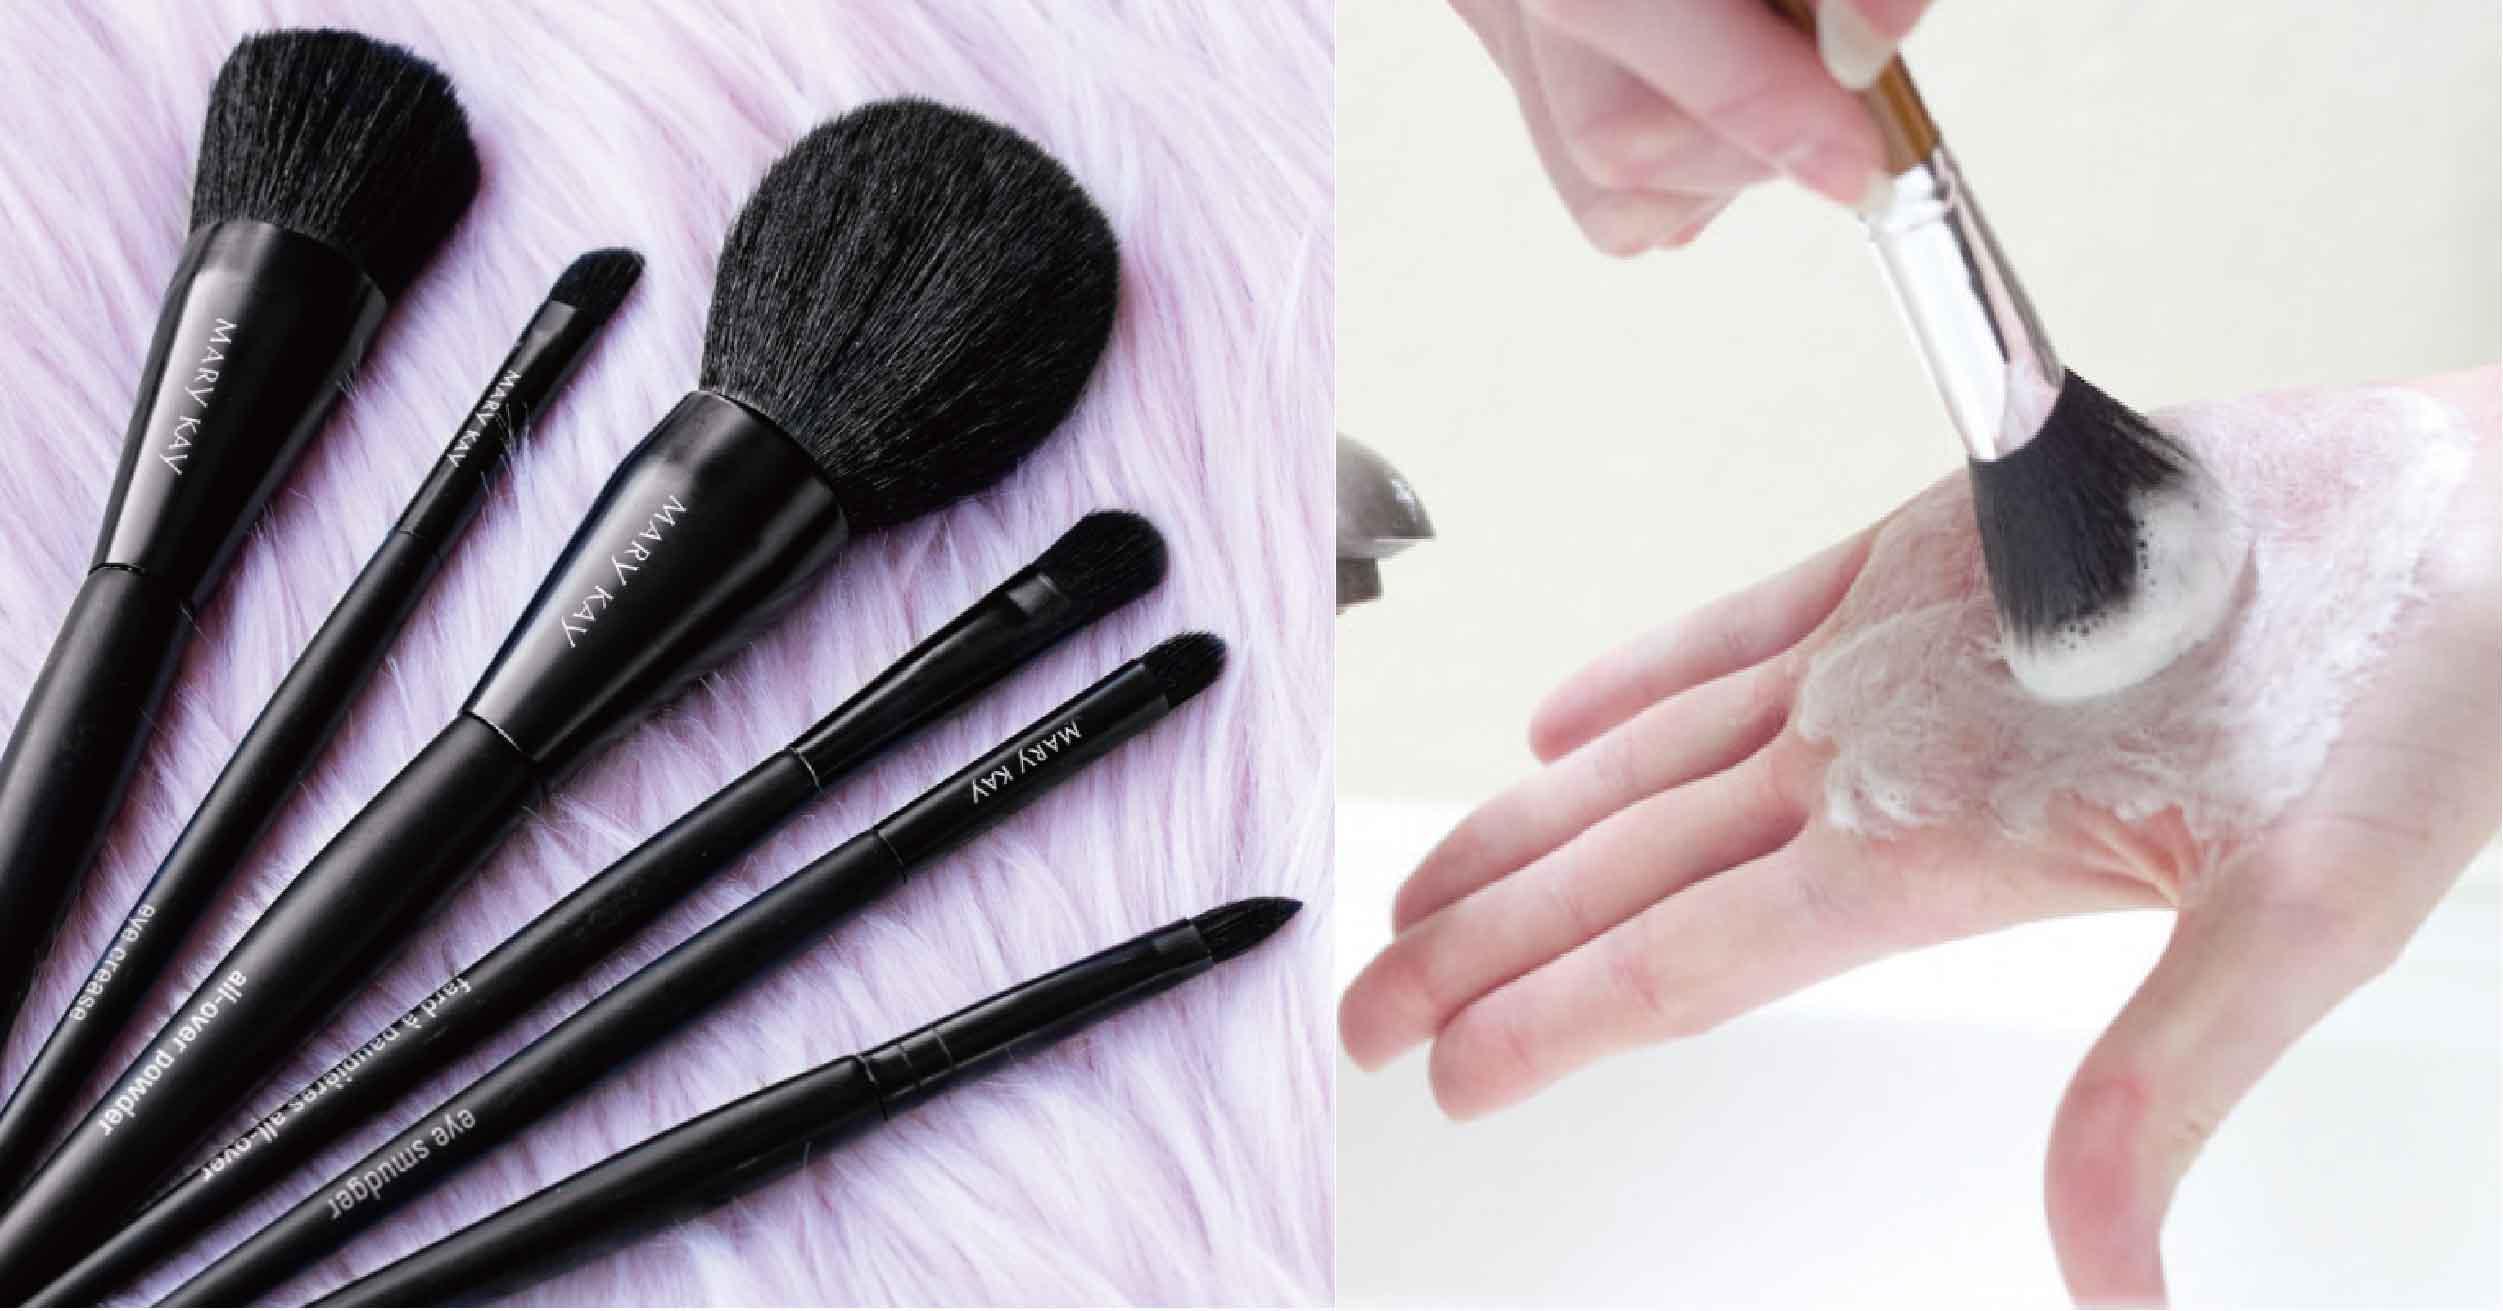 刷具清潔度會影響妝容精緻度!正確清潔刷具Tips、超強洗淨工具、錯誤方法看這篇